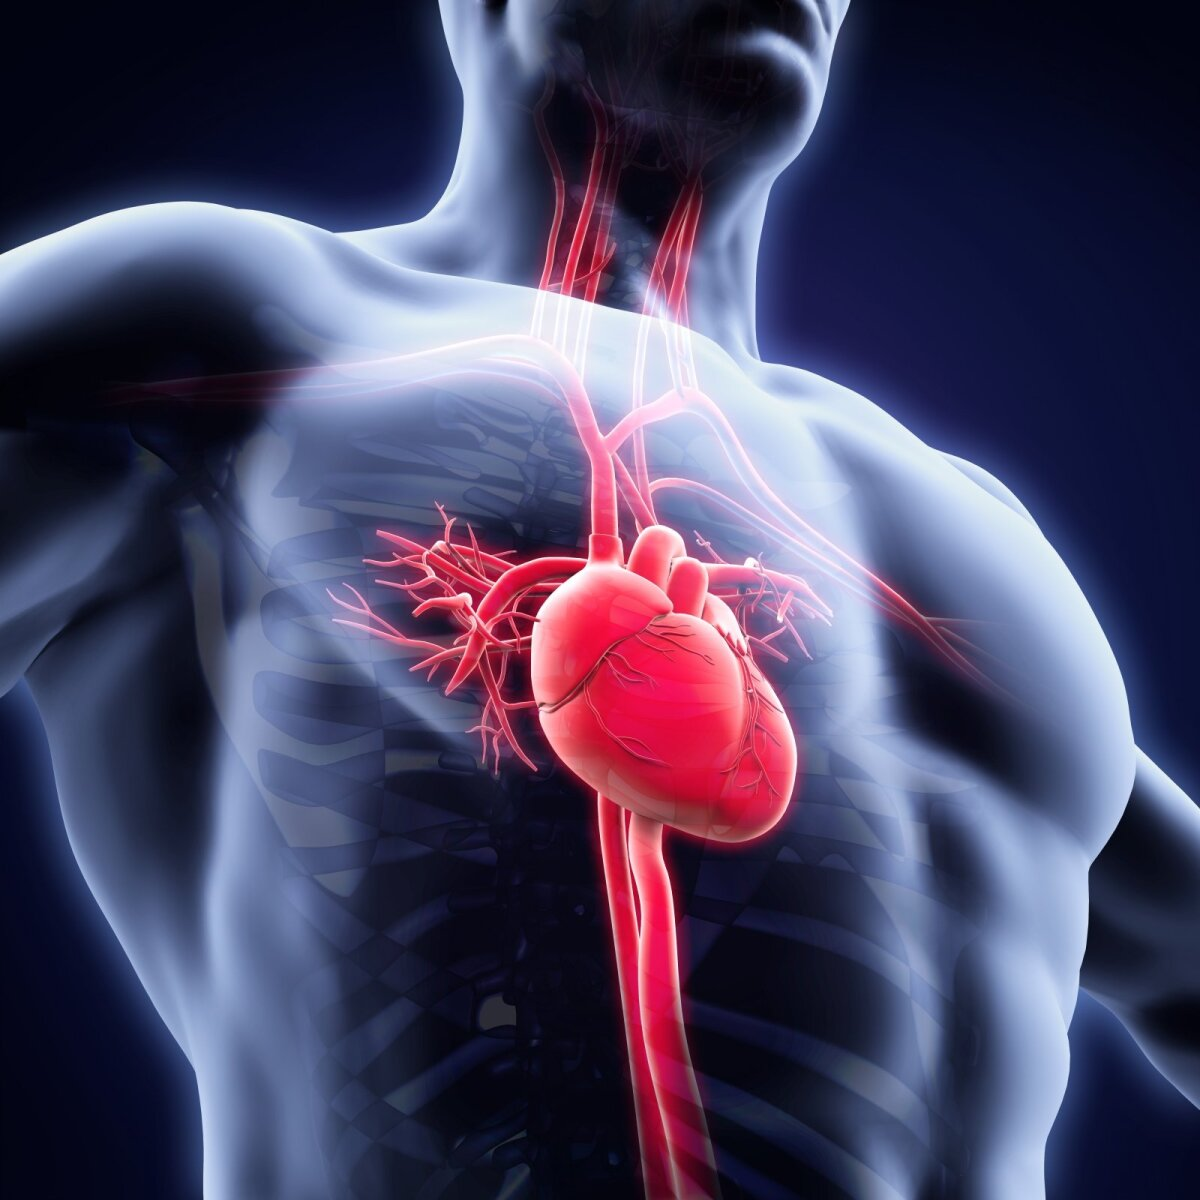 širdies sveikatos galvosūkis diabeto ir širdies sveikatos dieta